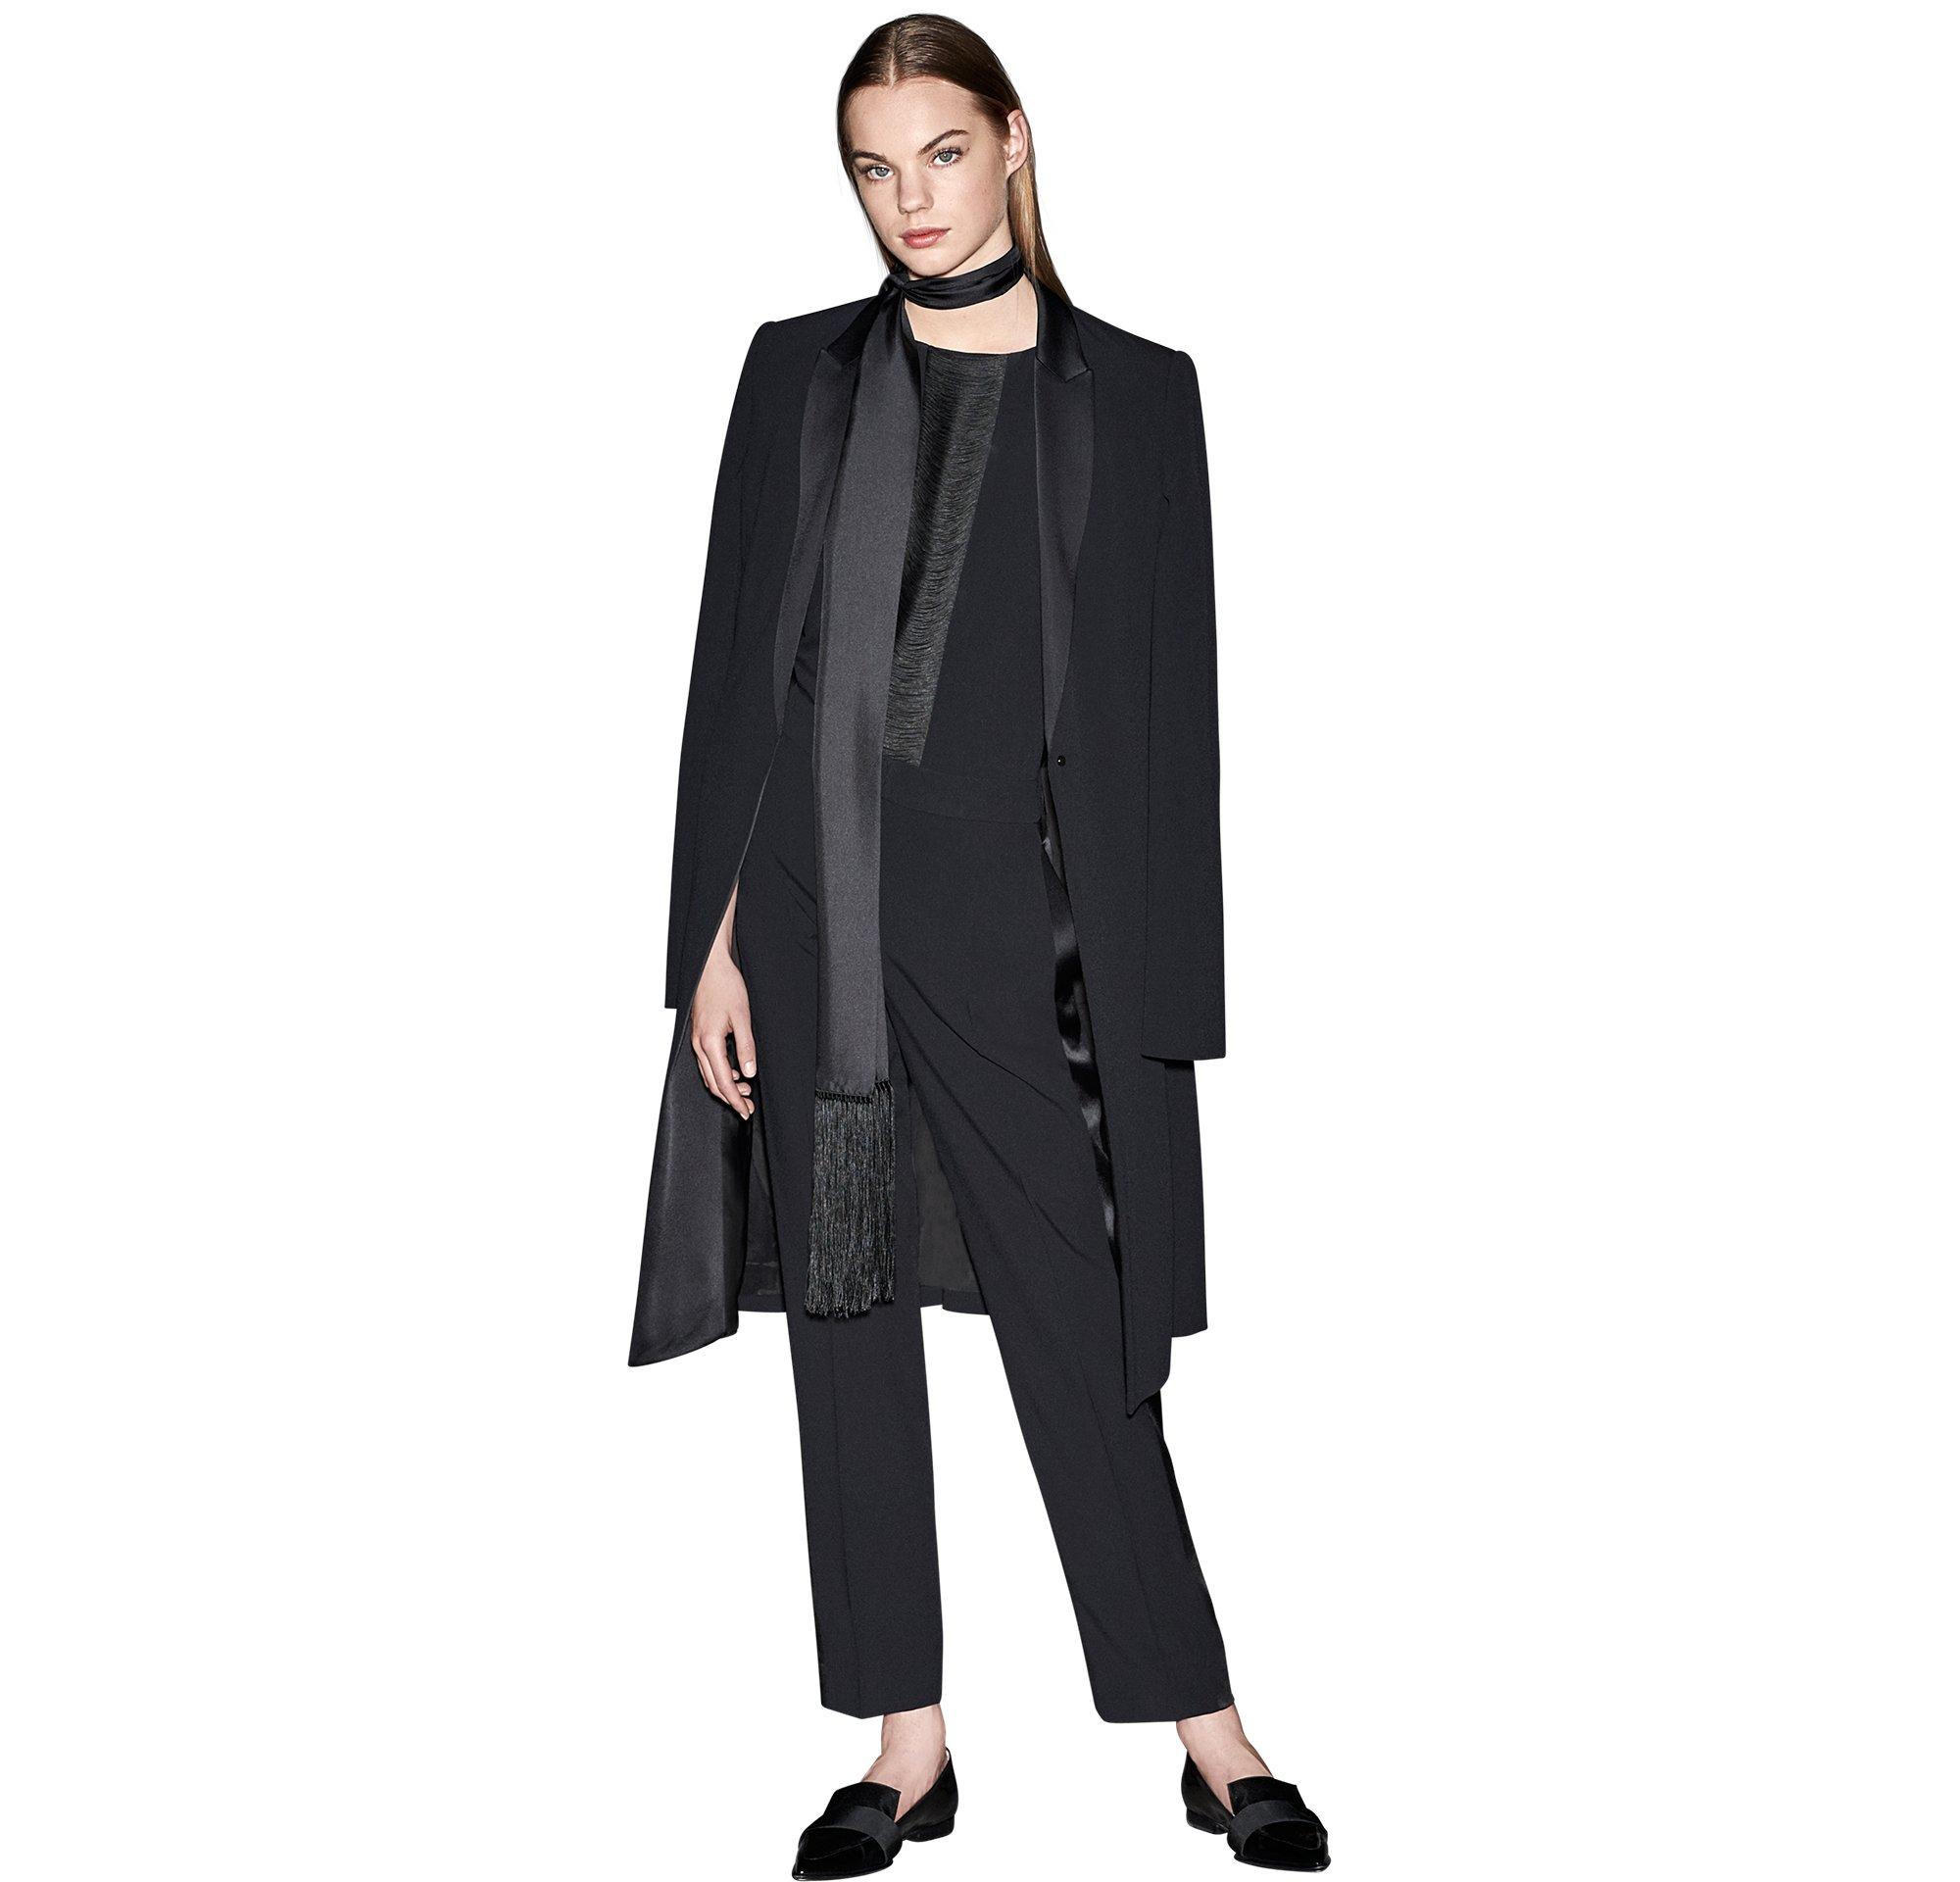 Schwarzer Mantel über schwarzem Top, schwarze Hose, schwarzer Schal und schwarze Schuhe von BOSS